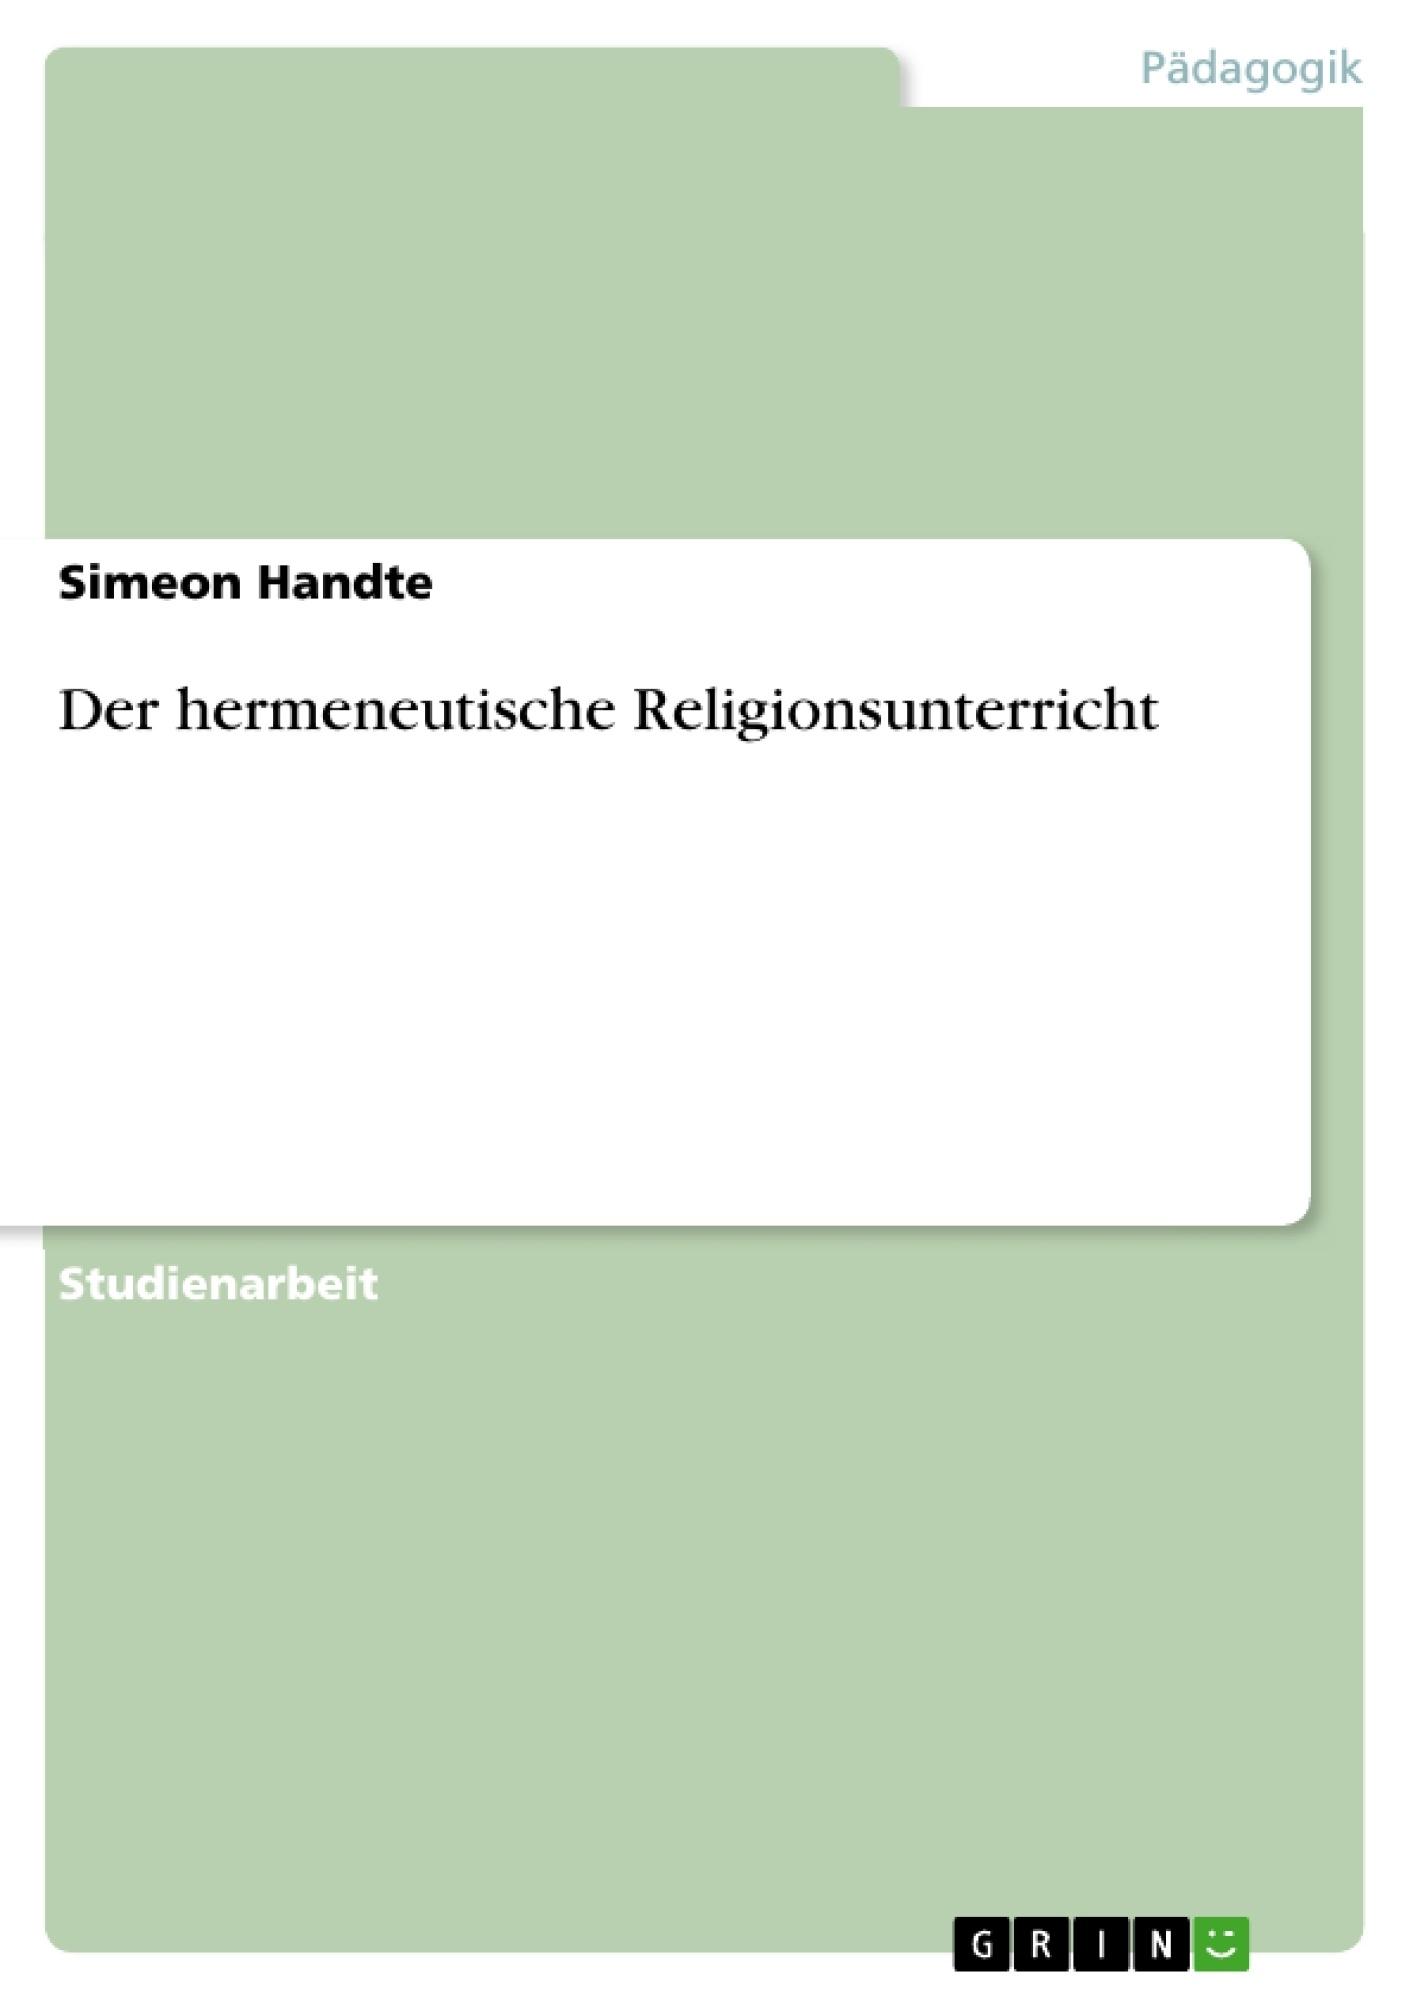 Titel: Der hermeneutische Religionsunterricht